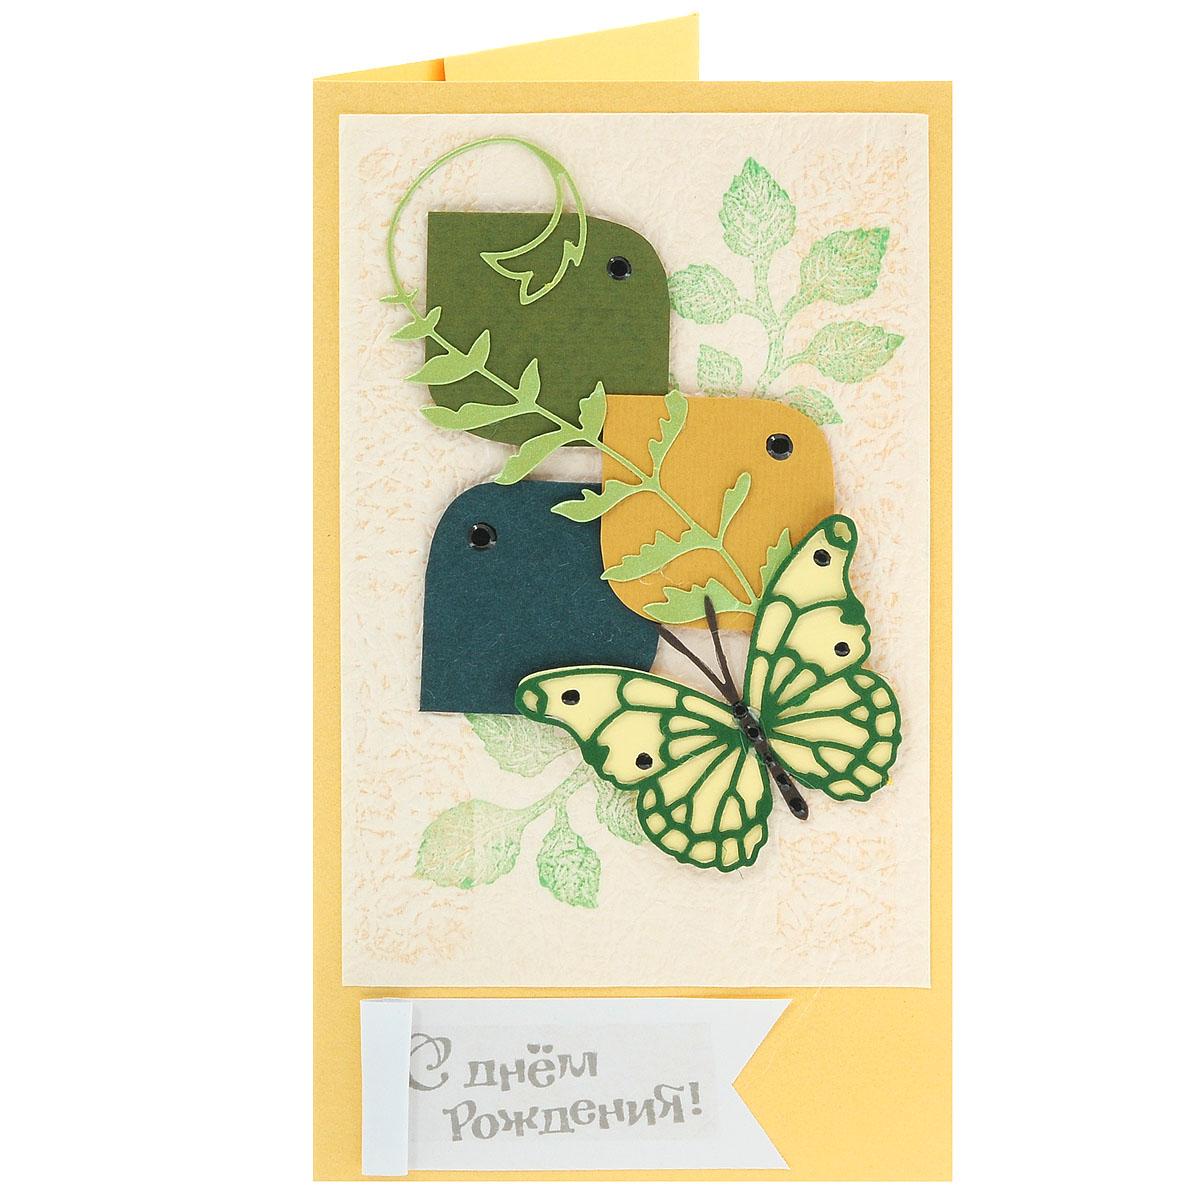 ОЖ-0016 Открытка-конверт «С Днём Рождения!». Студия «Тётя Роза»SPB004Характеристики: Размер 19 см x 11 см.Материал: Высоко-художественный картон, бумага, декор. Данная открытка может стать как прекрасным дополнением к вашему подарку, так и самостоятельным подарком. Так как открытка является и конвертом, в который вы можете вложить ваш денежный подарок или просто написать ваши пожелания на вкладыше. Оригинальный дизайн этого поздравления создается эффект штампинга, а изящная бабочка и веточка зелени дополняют общее восприятие этой теплой, натурально-природной открытки в коричнево-желтых тонах. Также открытка упакована в пакетик для сохранности.Обращаем Ваше внимание на то, что открытка может незначительно отличаться от представленной на фото.Открытки ручной работы от студии Тётя Роза отличаются своим неповторимым и ярким стилем. Каждая уникальна и выполнена вручную мастерами студии. (Открытка для мужчин, открытка для женщины, открытка на день рождения, открытка с днем свадьбы, открытка винтаж, открытка с юбилеем, открытка на все случаи, скрапбукинг)